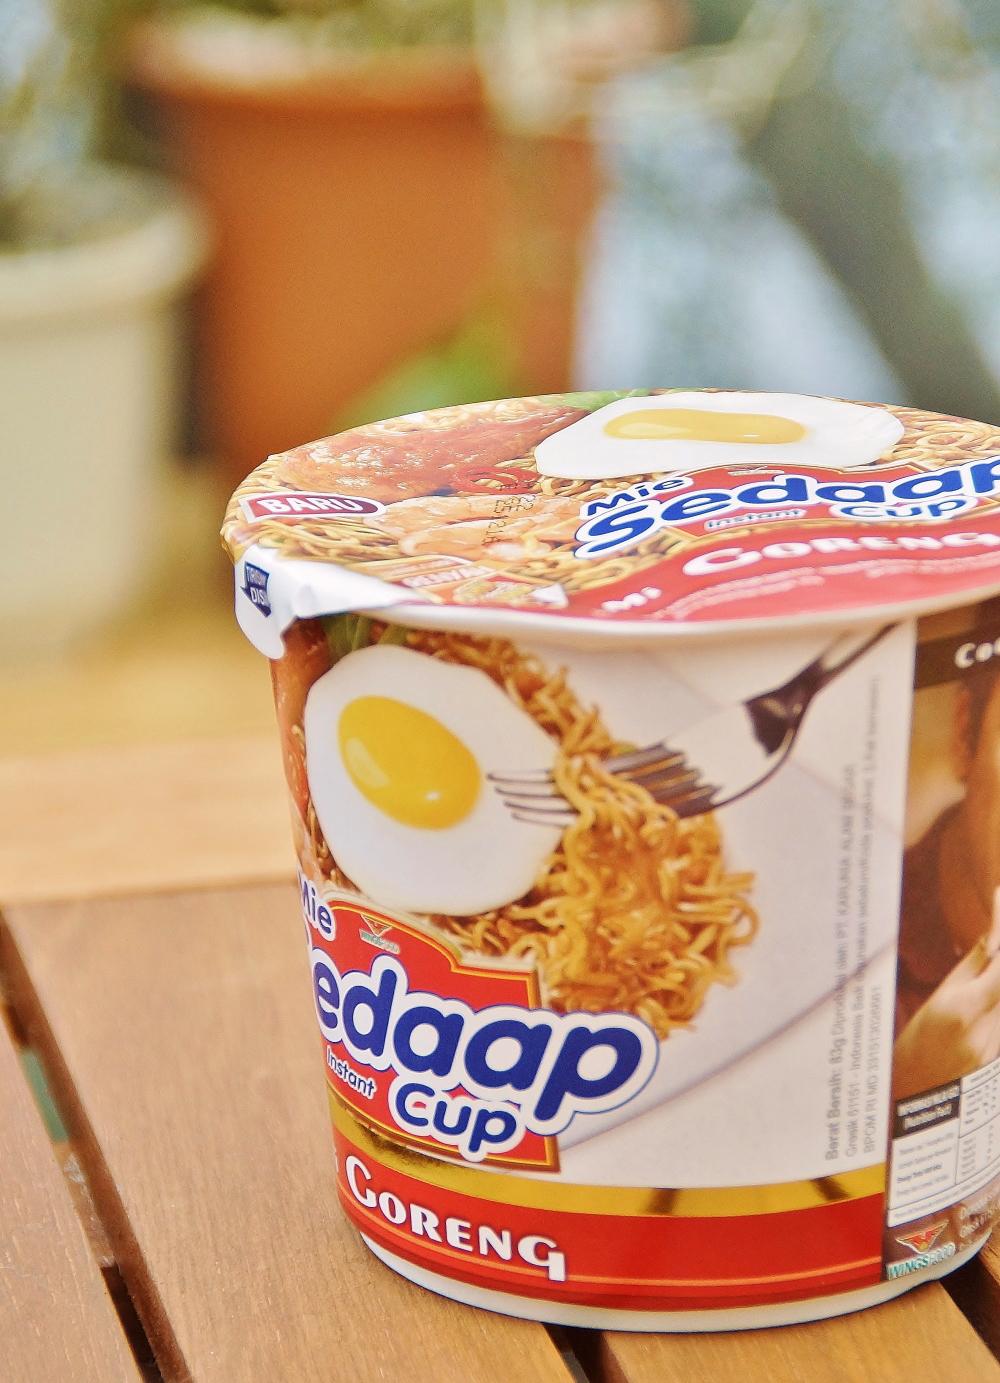 ミースダップ カップ麺 ブログ 口コミ